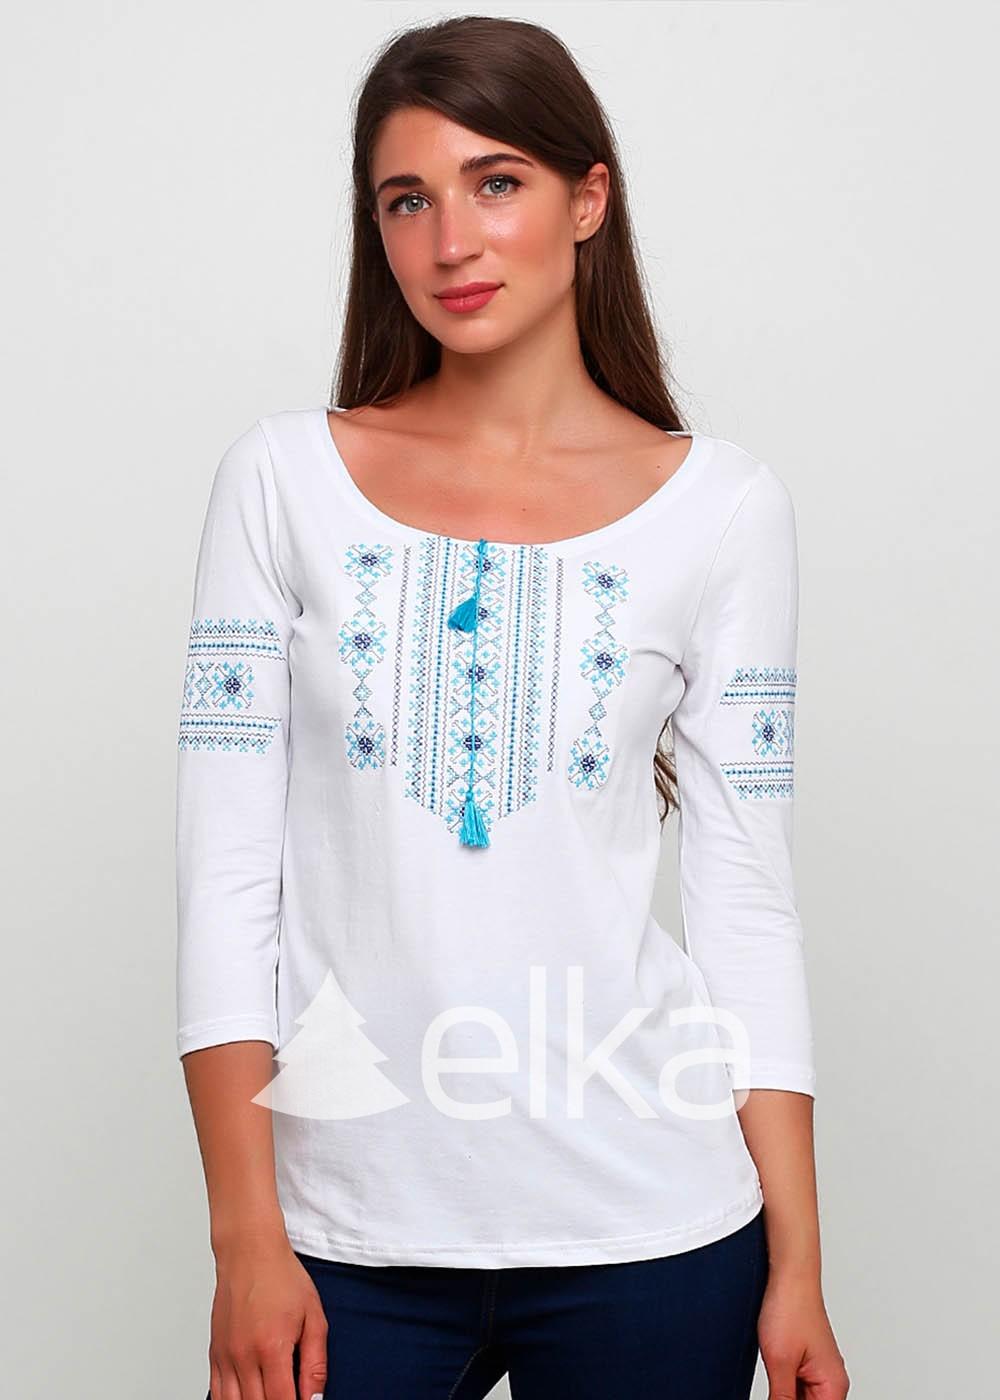 Вышиванка женская белая классическая вышивка